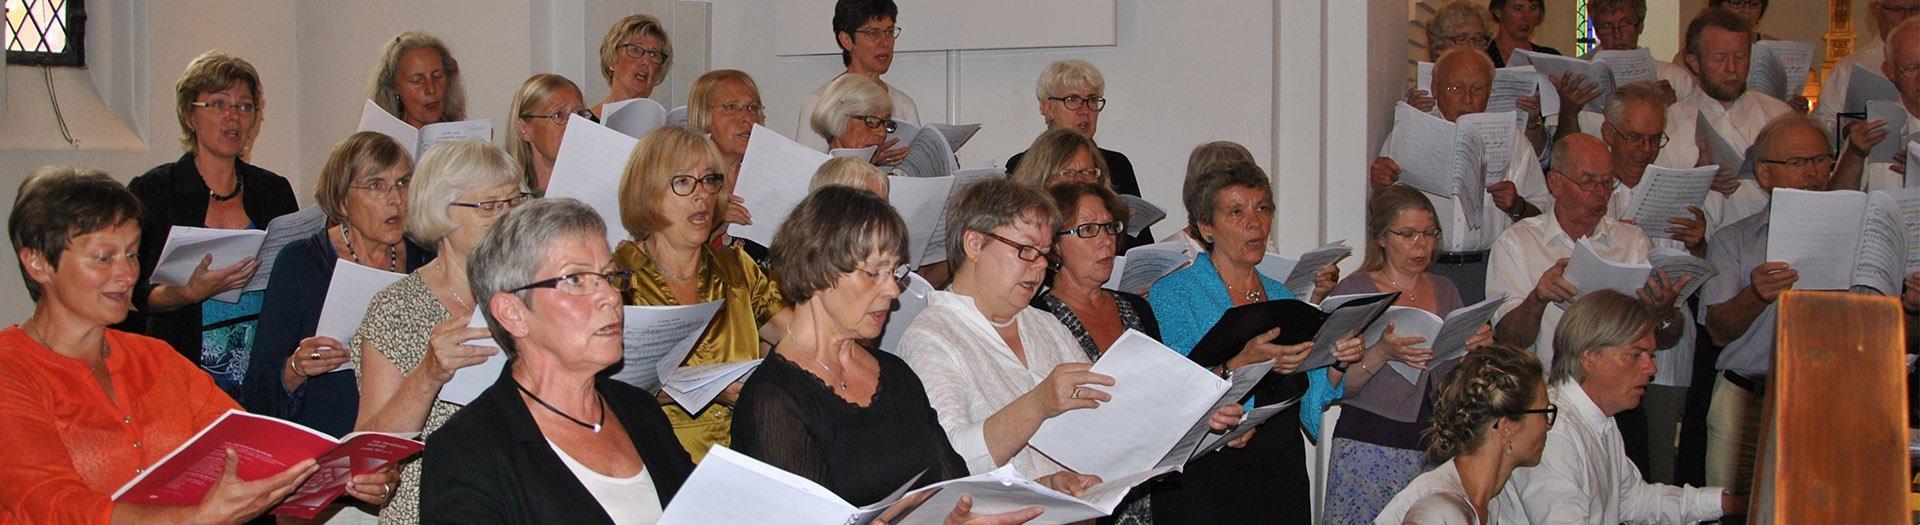 gospel sang og musik højskole Nørgaards1